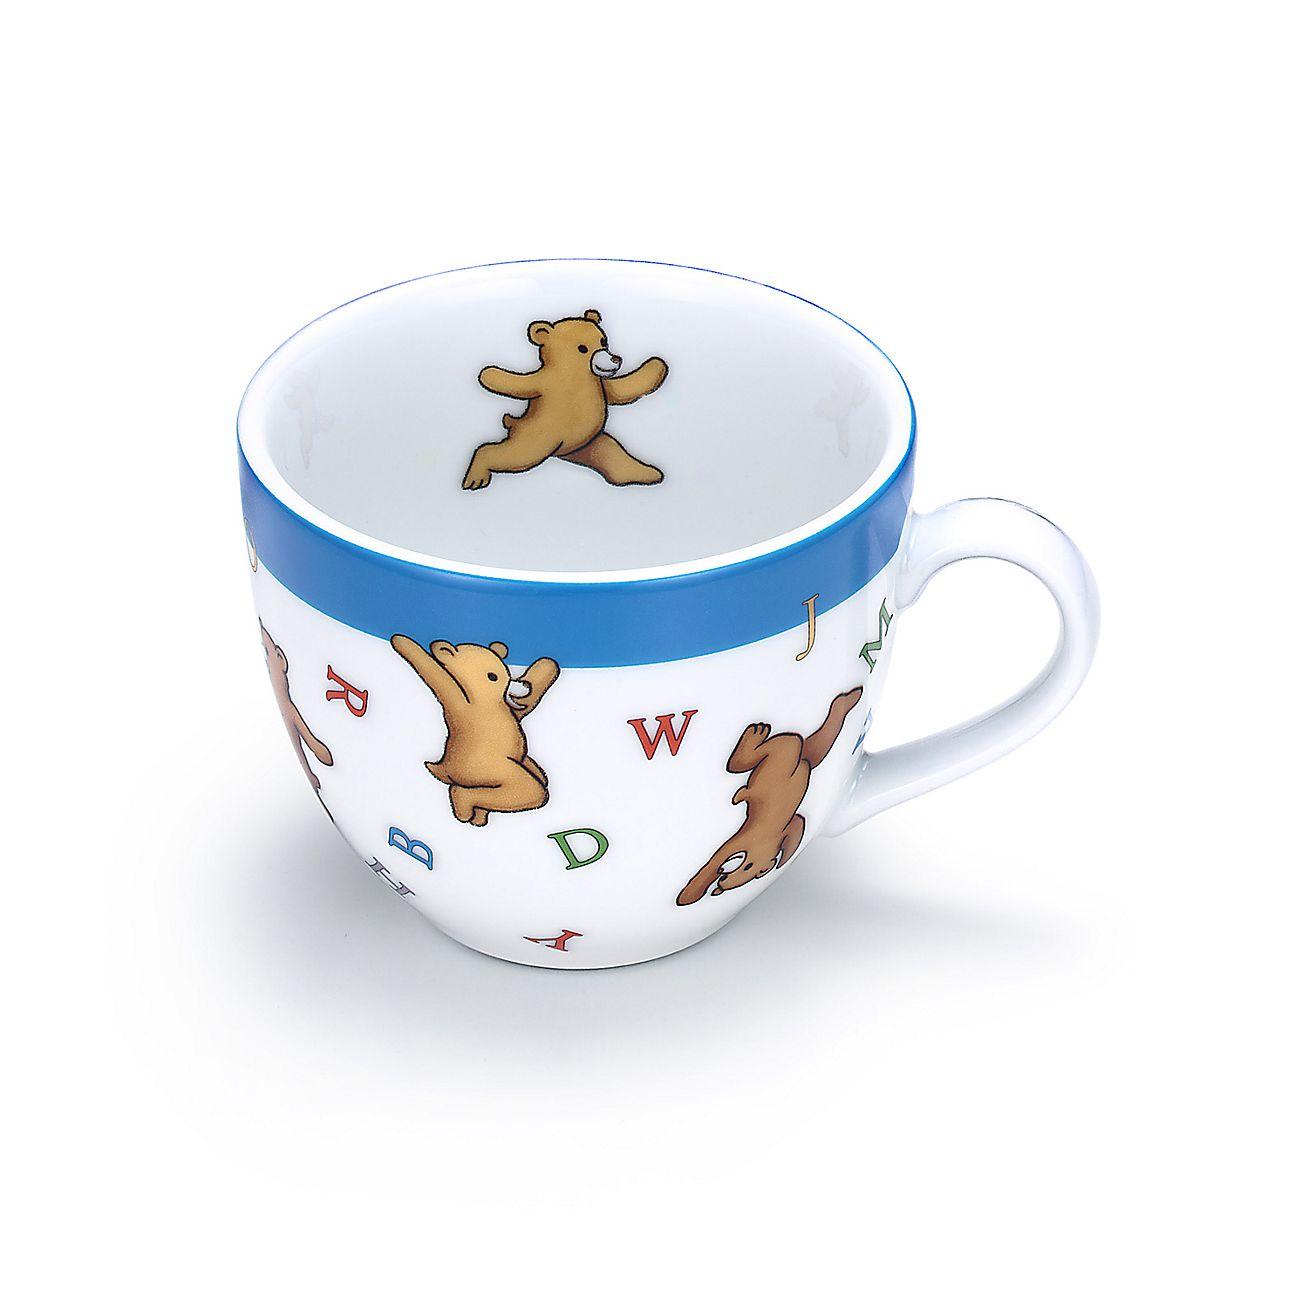 Tiffany Baby Gifts Australia : Tiffany abc bears three piece baby set in porcelain